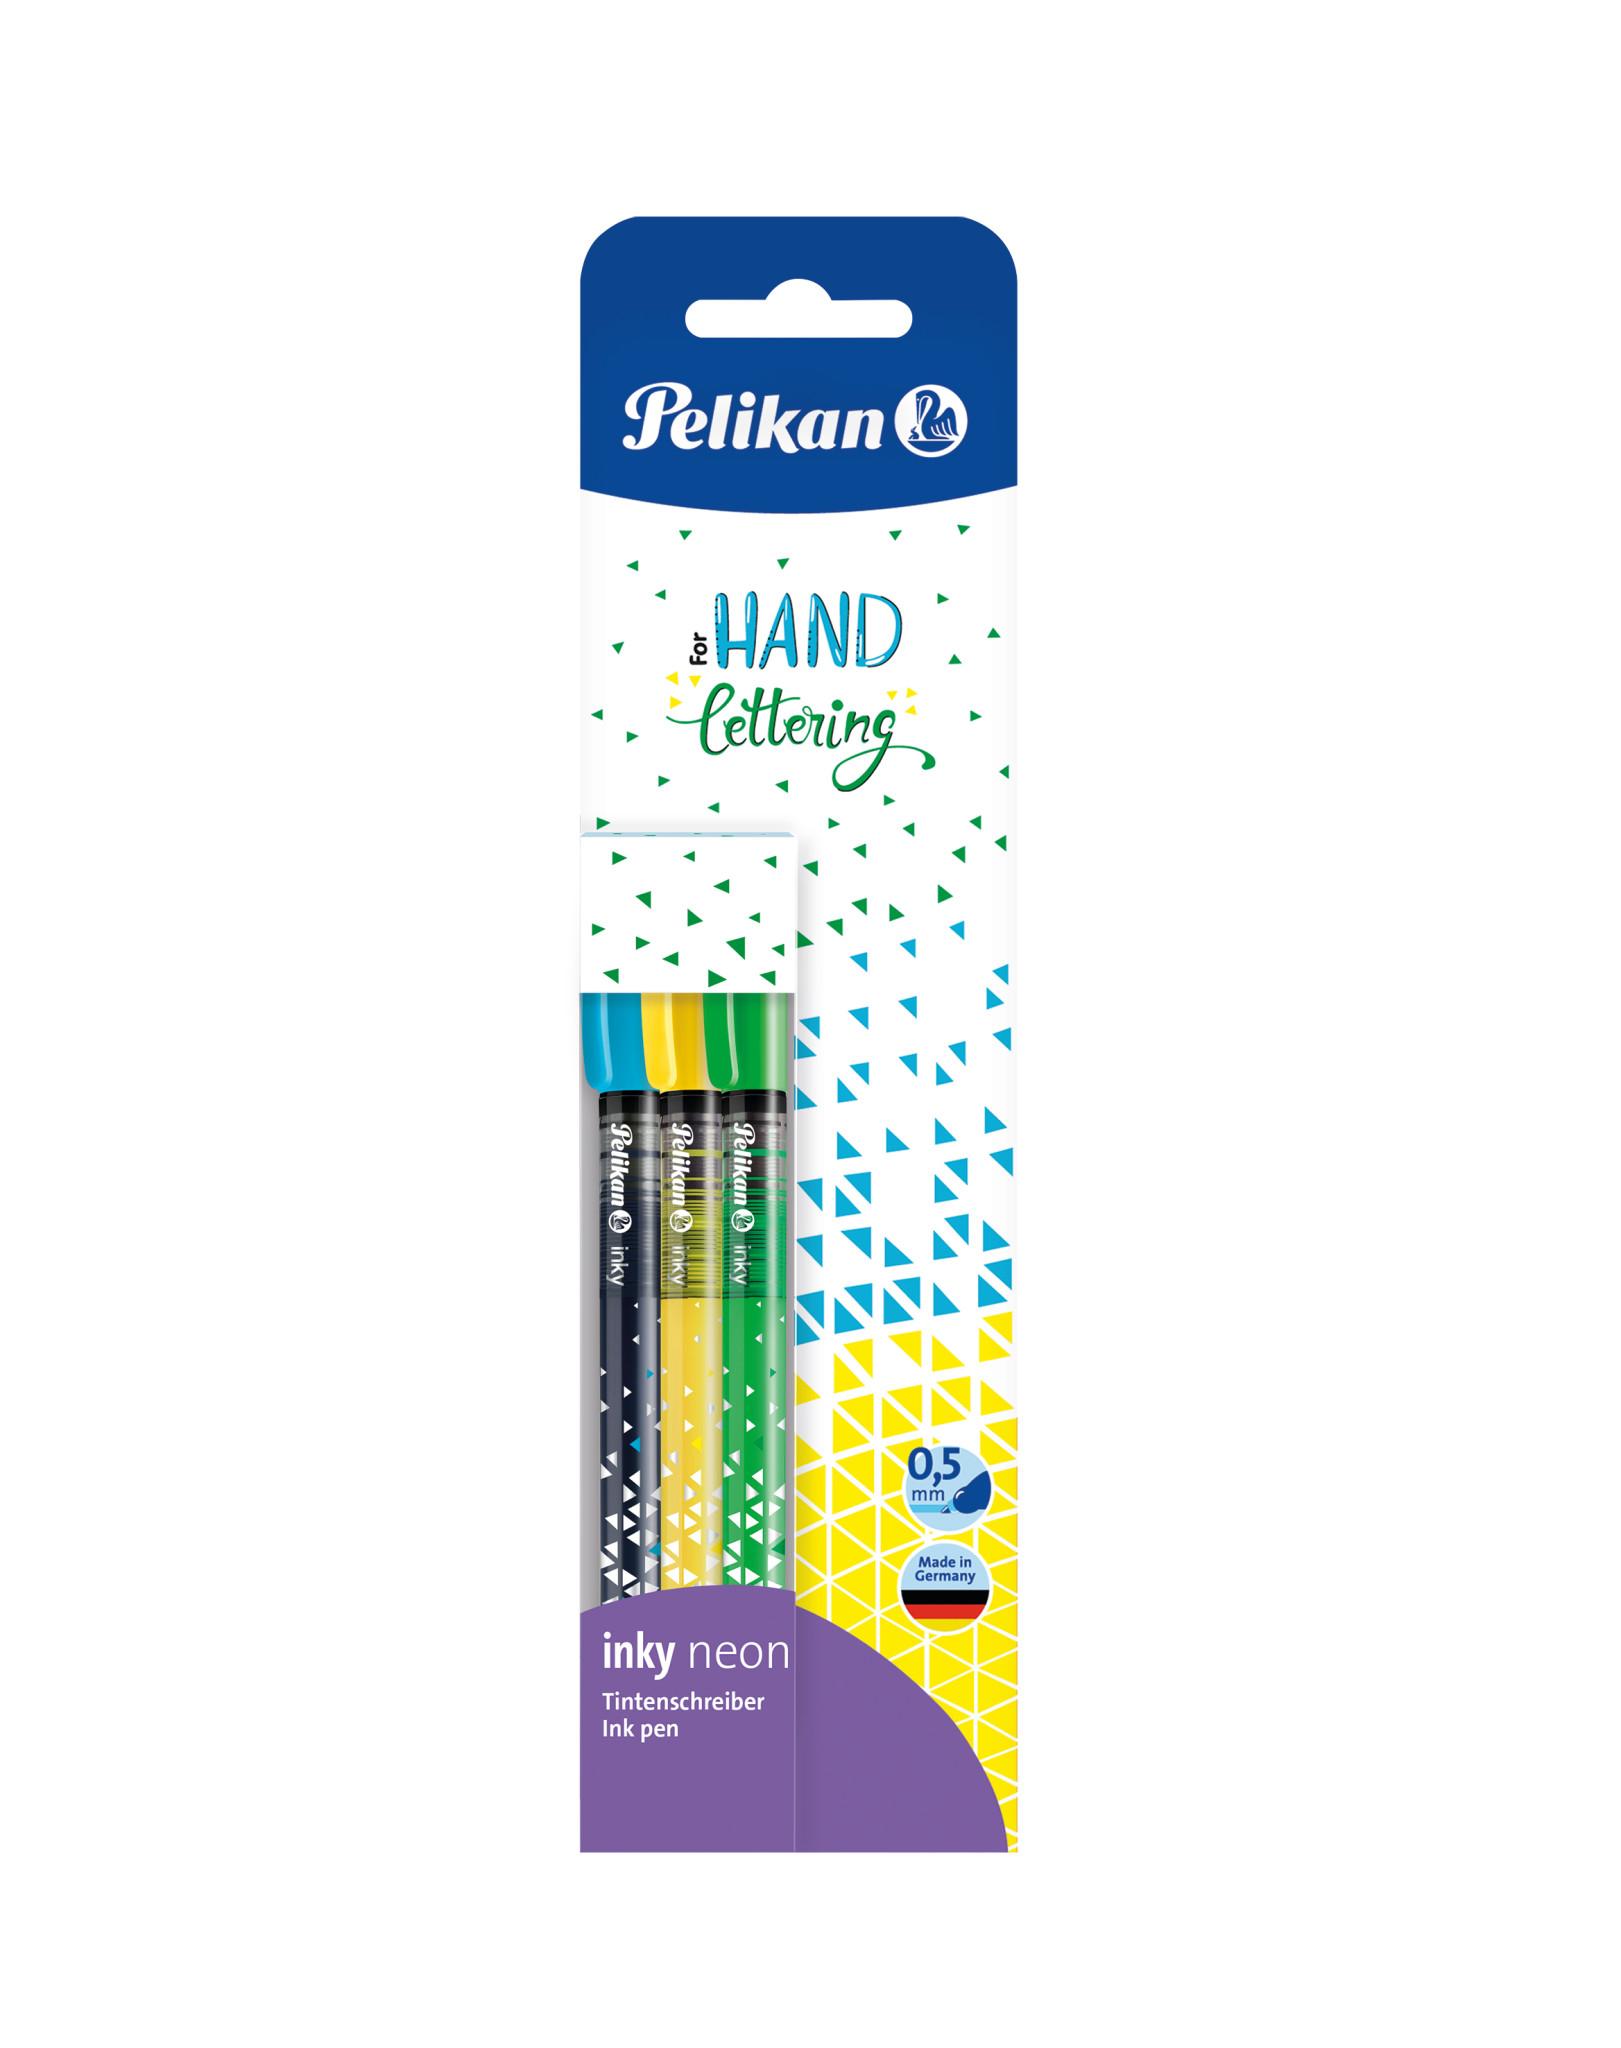 Vorschau: Pelikan inky Neon - Blau - Grün - Gelb - Fein - Rund - 0,5 mm - Deutschland - Sichtverpackung